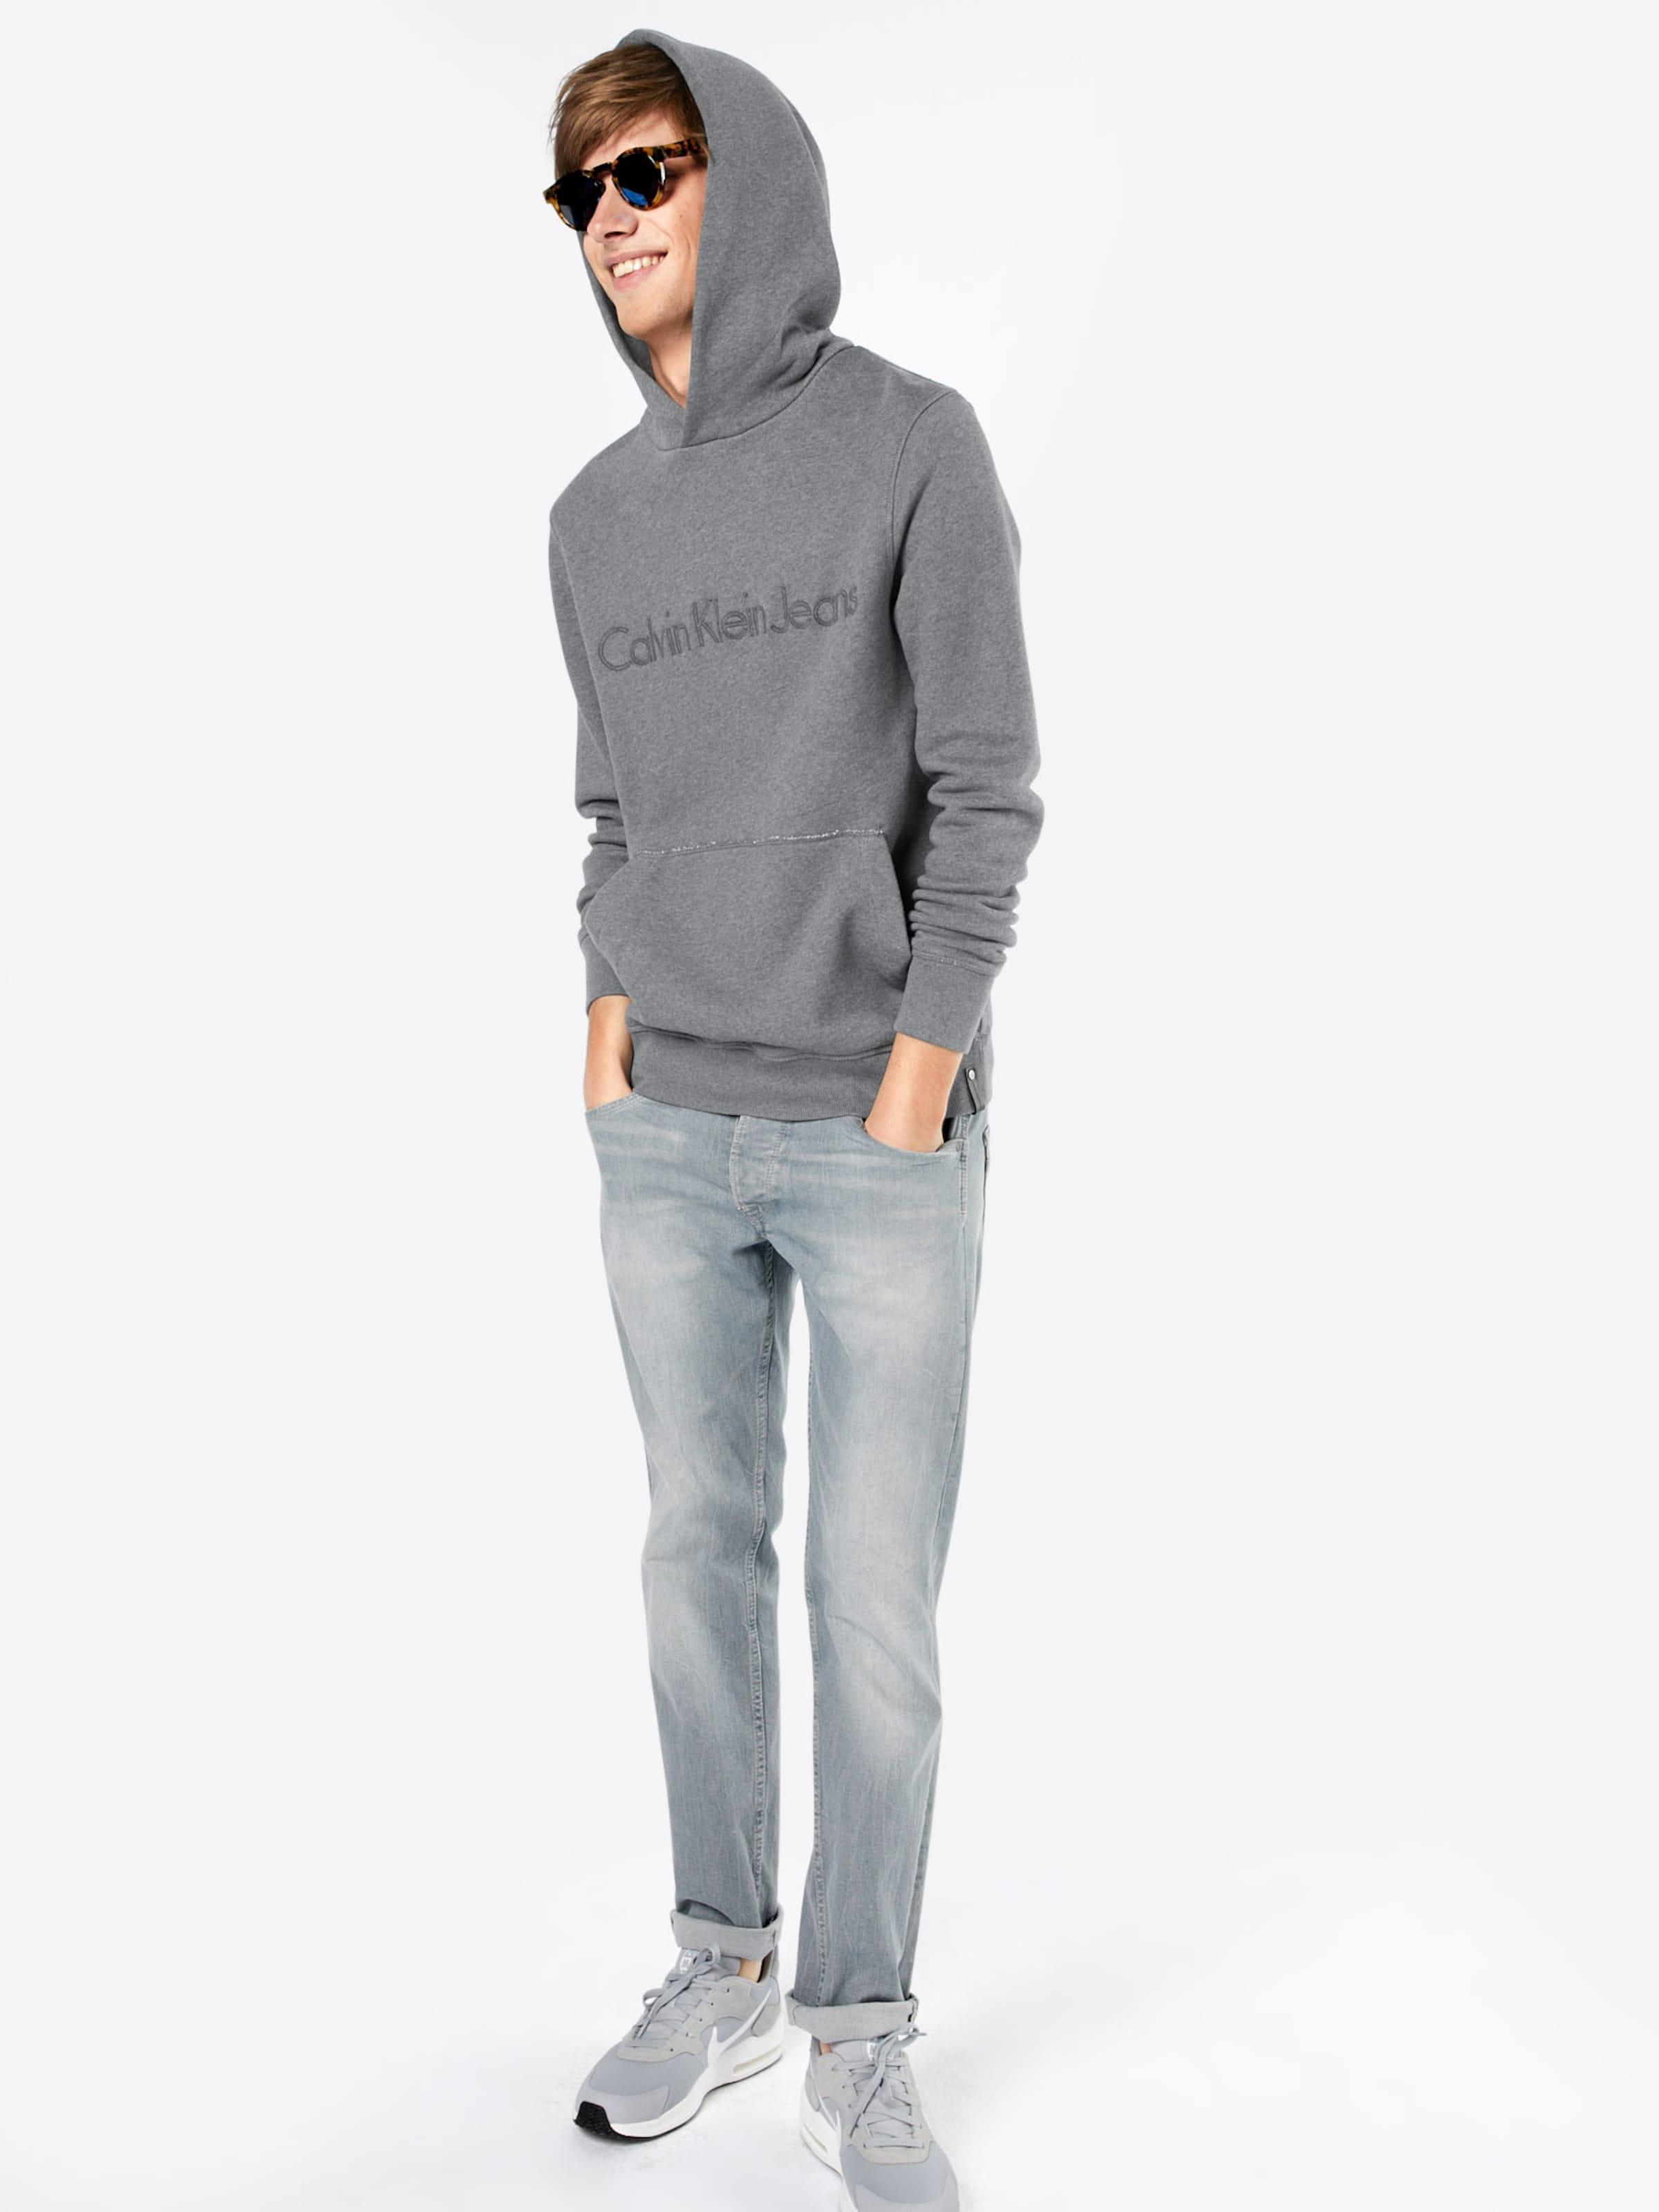 Calvin Klein Jeans Hoodie 'HARPO 2 SLIM' Offizielle Online Günstig Kaufen Browse Billig Verkaufen Viele Arten Von Billig Erstaunlicher Preis D3DqR7LHo